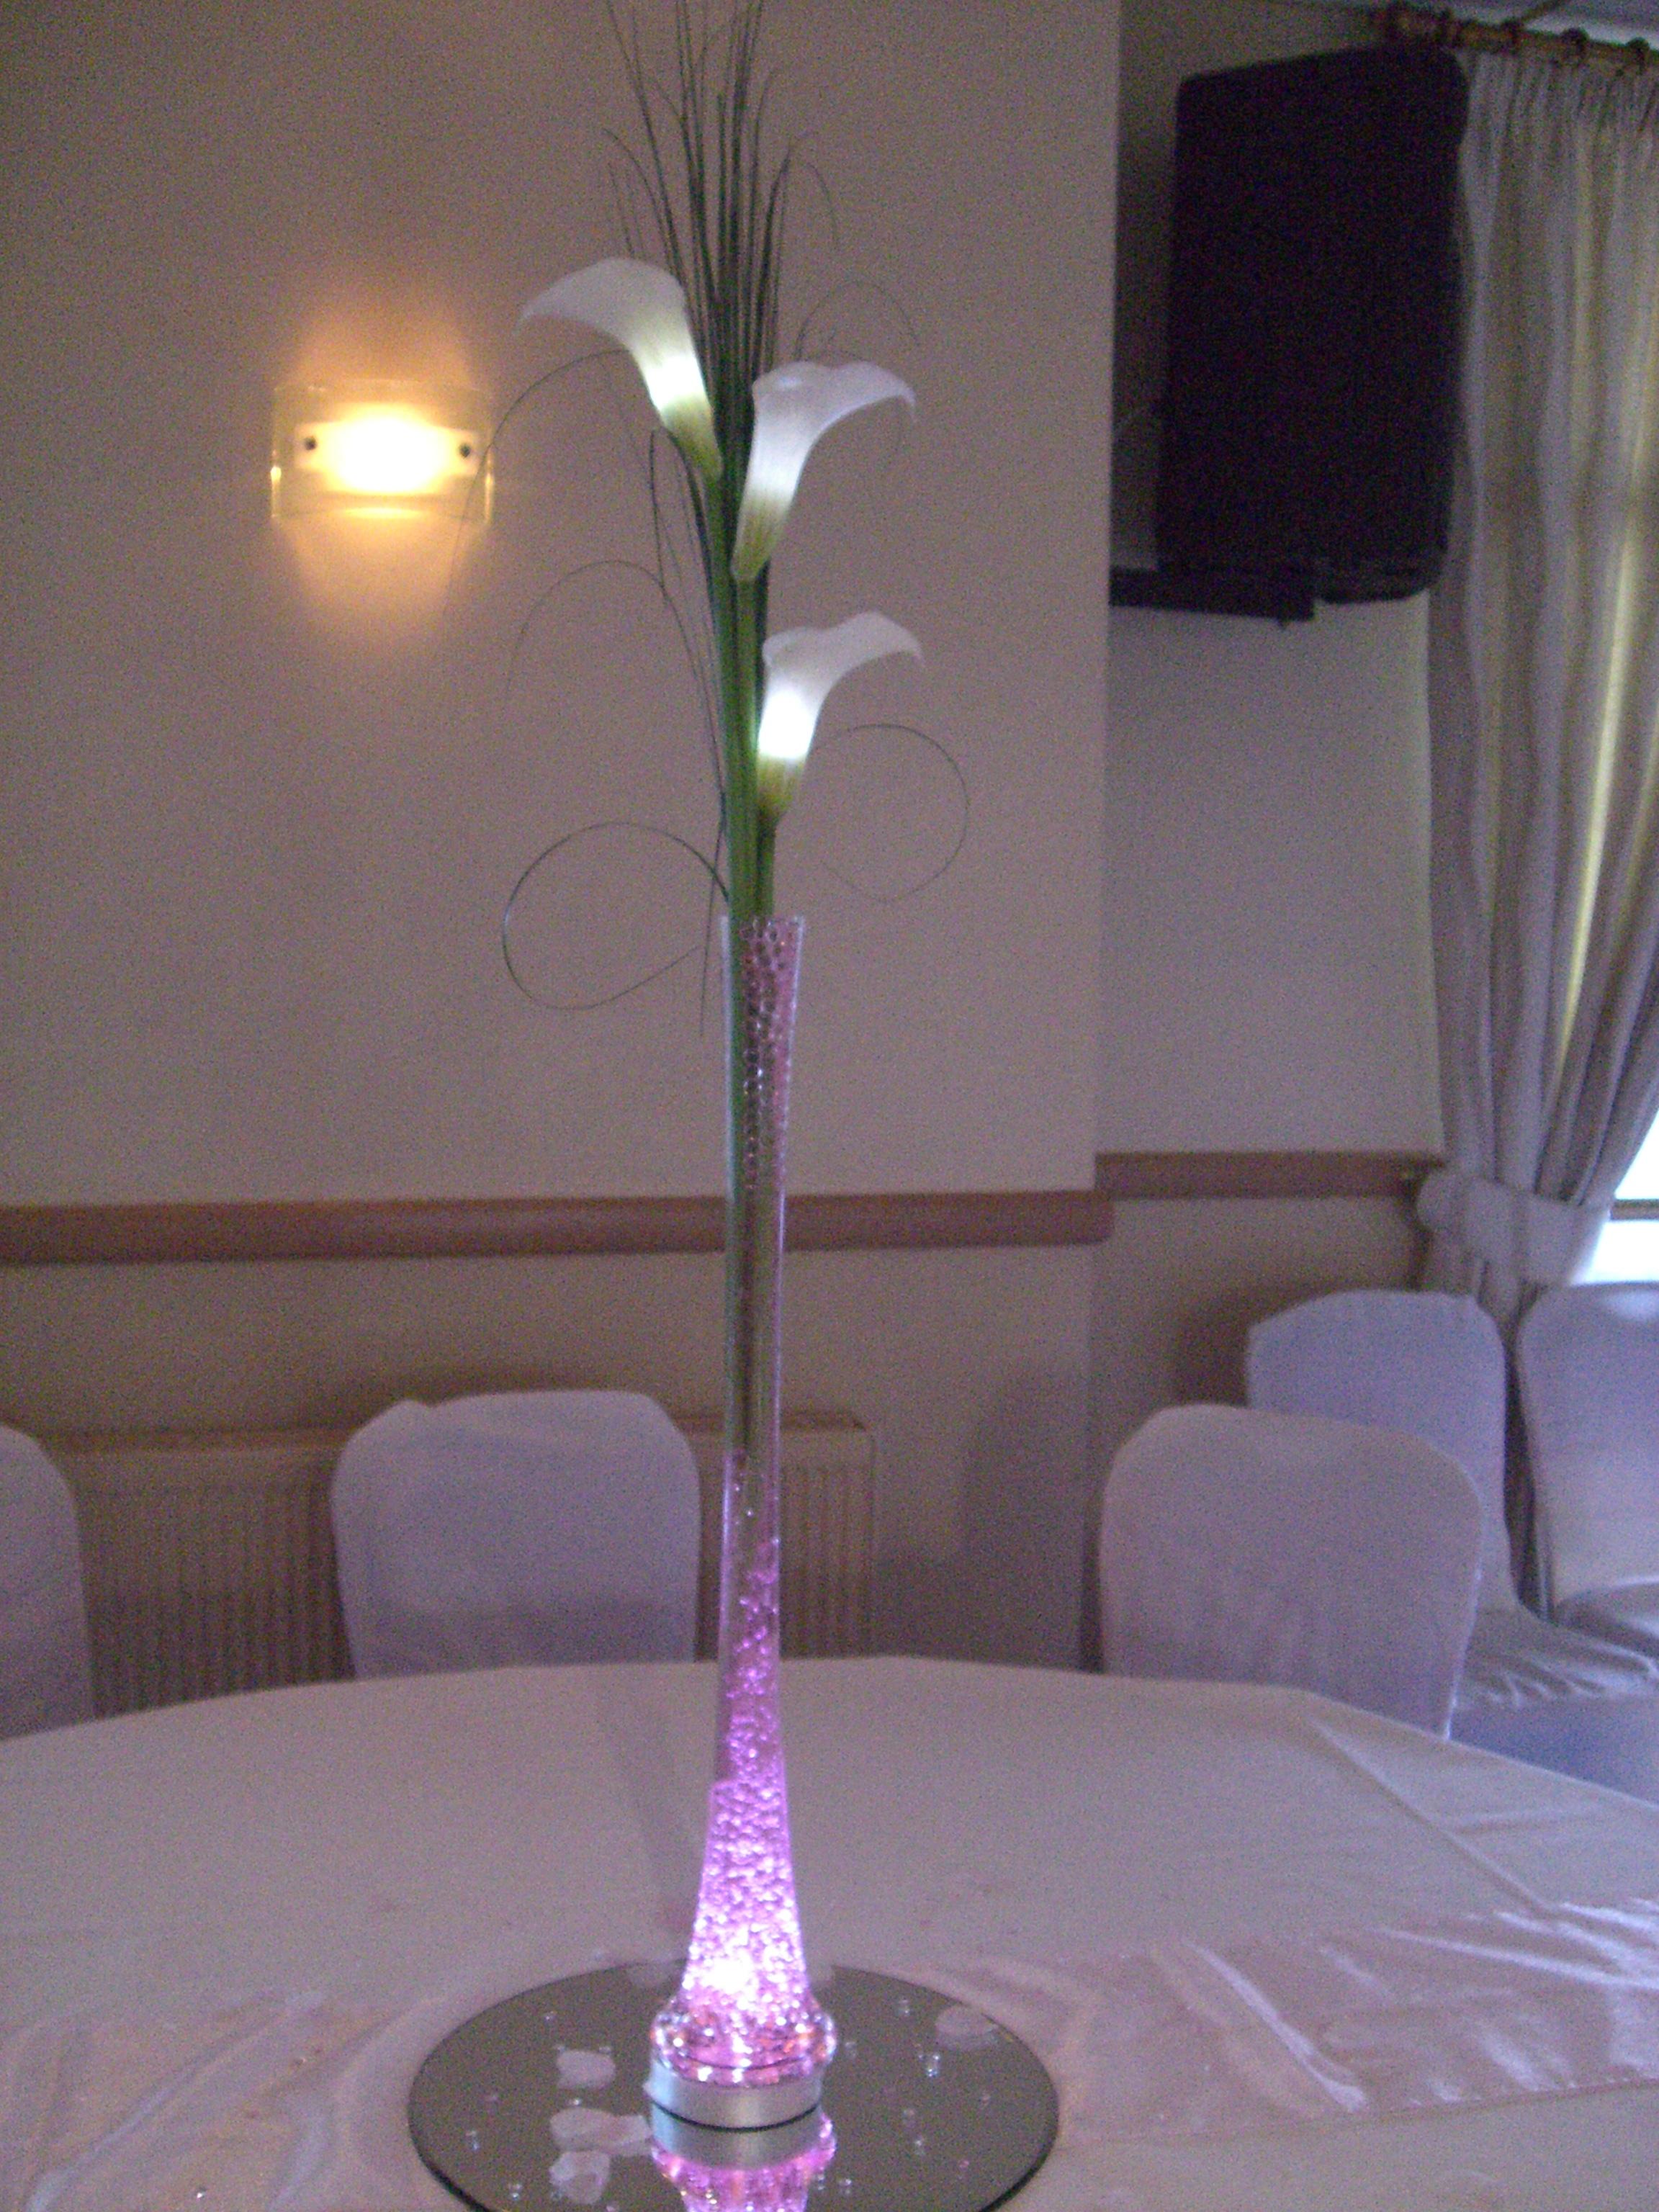 Trio of calla lily